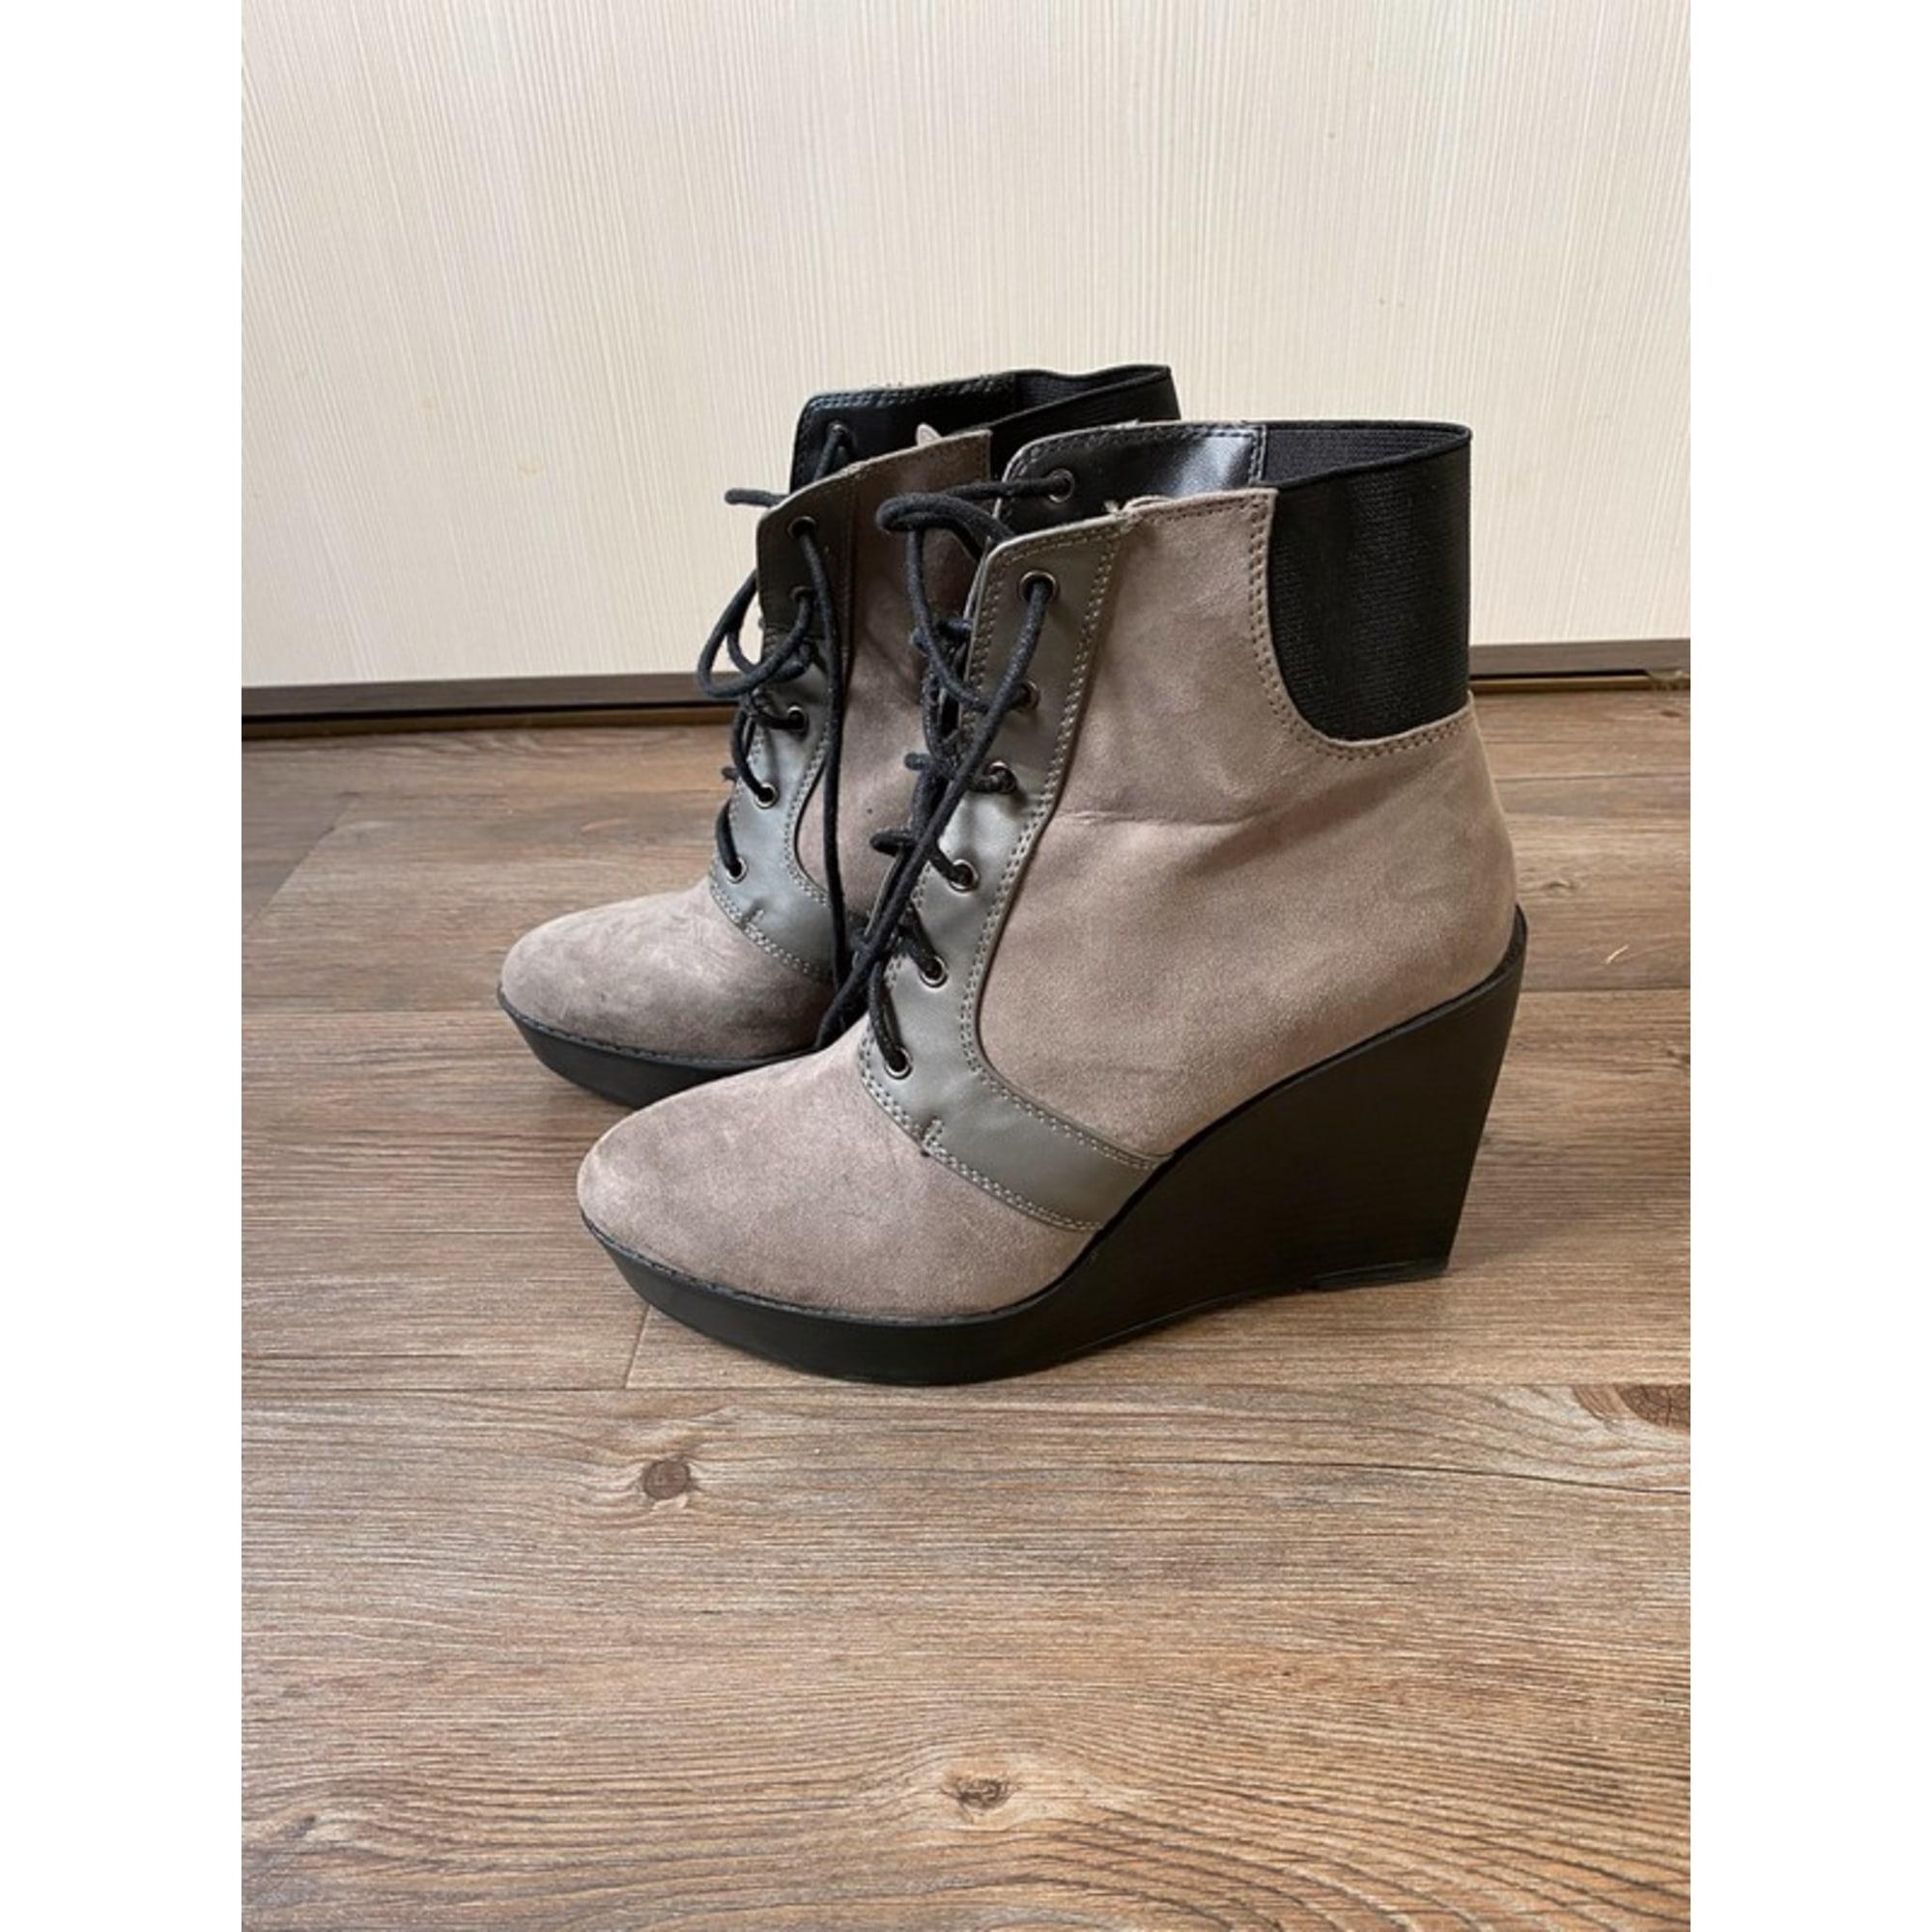 Bottines & low boots à compensés ZARA Gris, anthracite